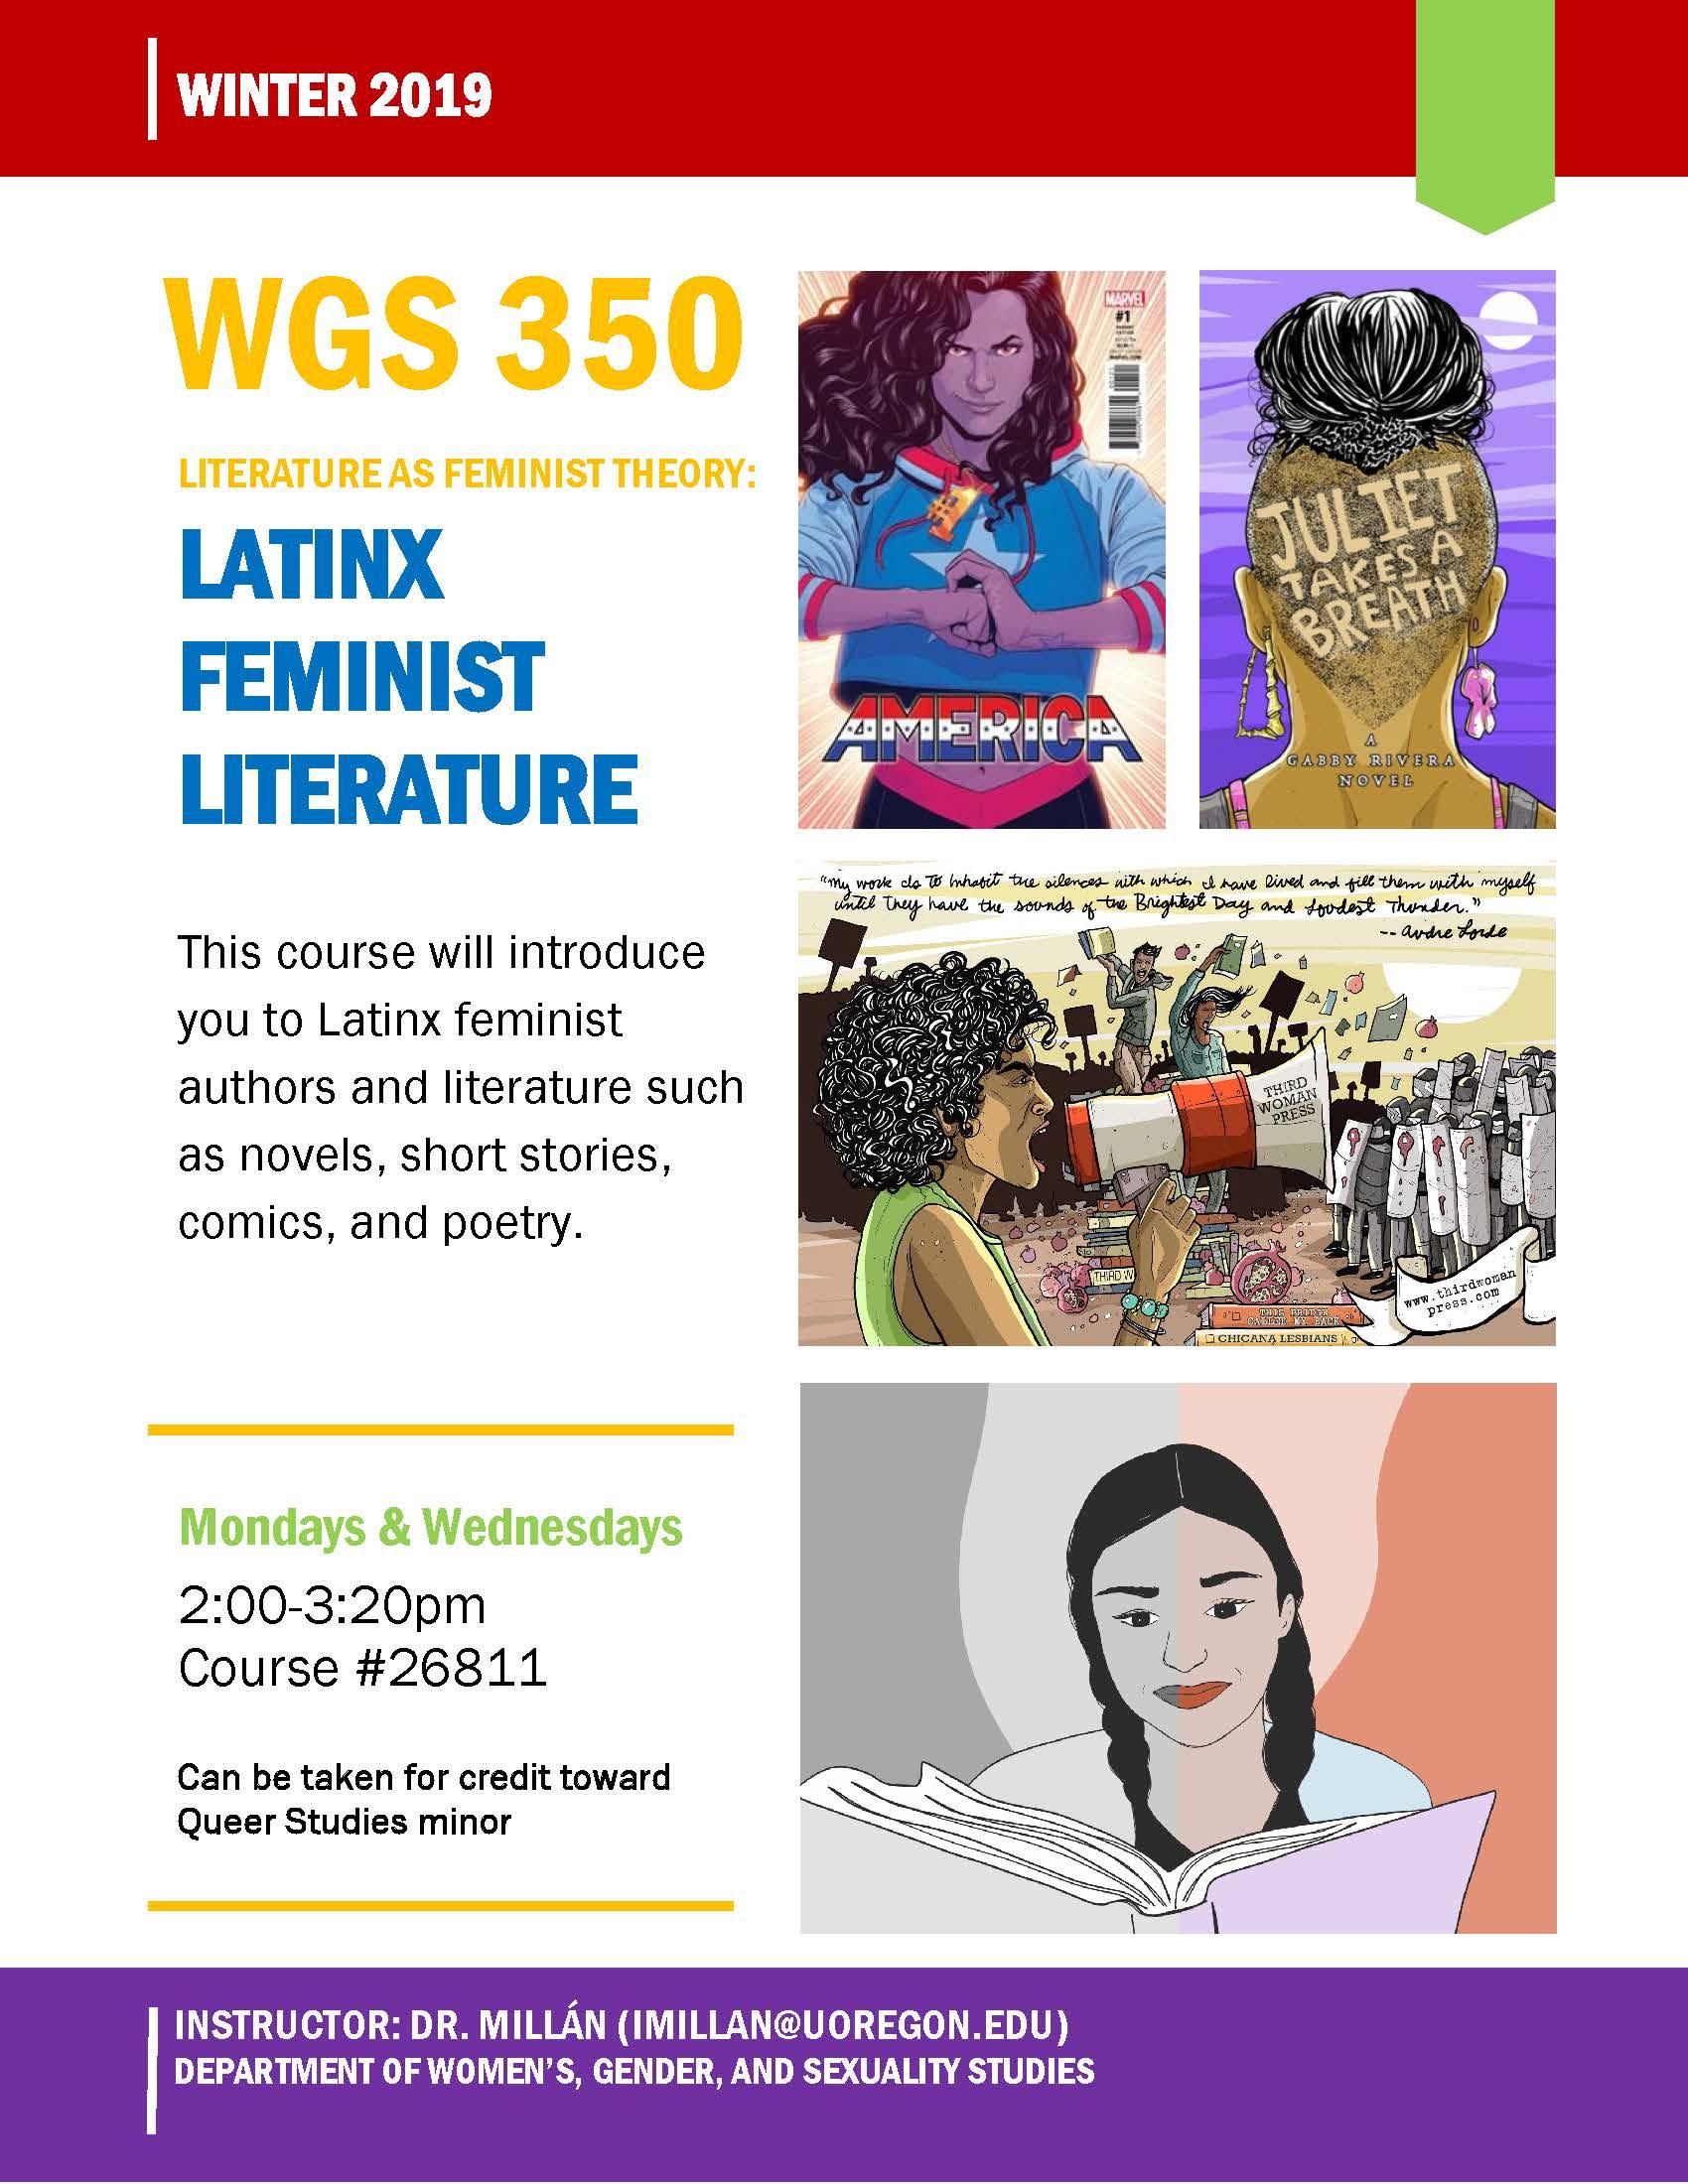 WGS 350 Latinx Feminist Literature Course Flier (Dr. Isabel Millan)